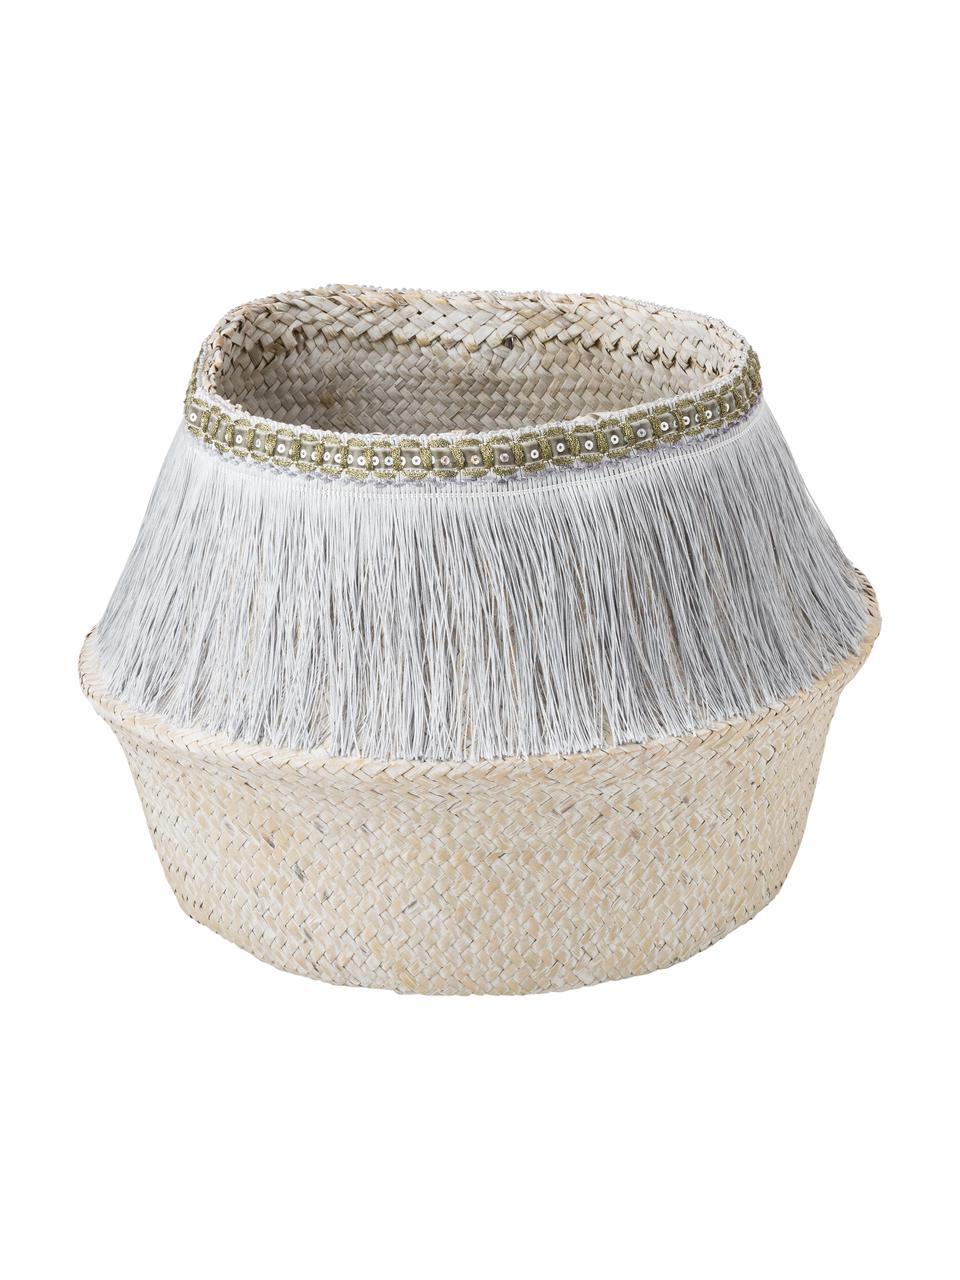 Corbeille de rangement fait à la main Frans, Couleur argentée, blanc